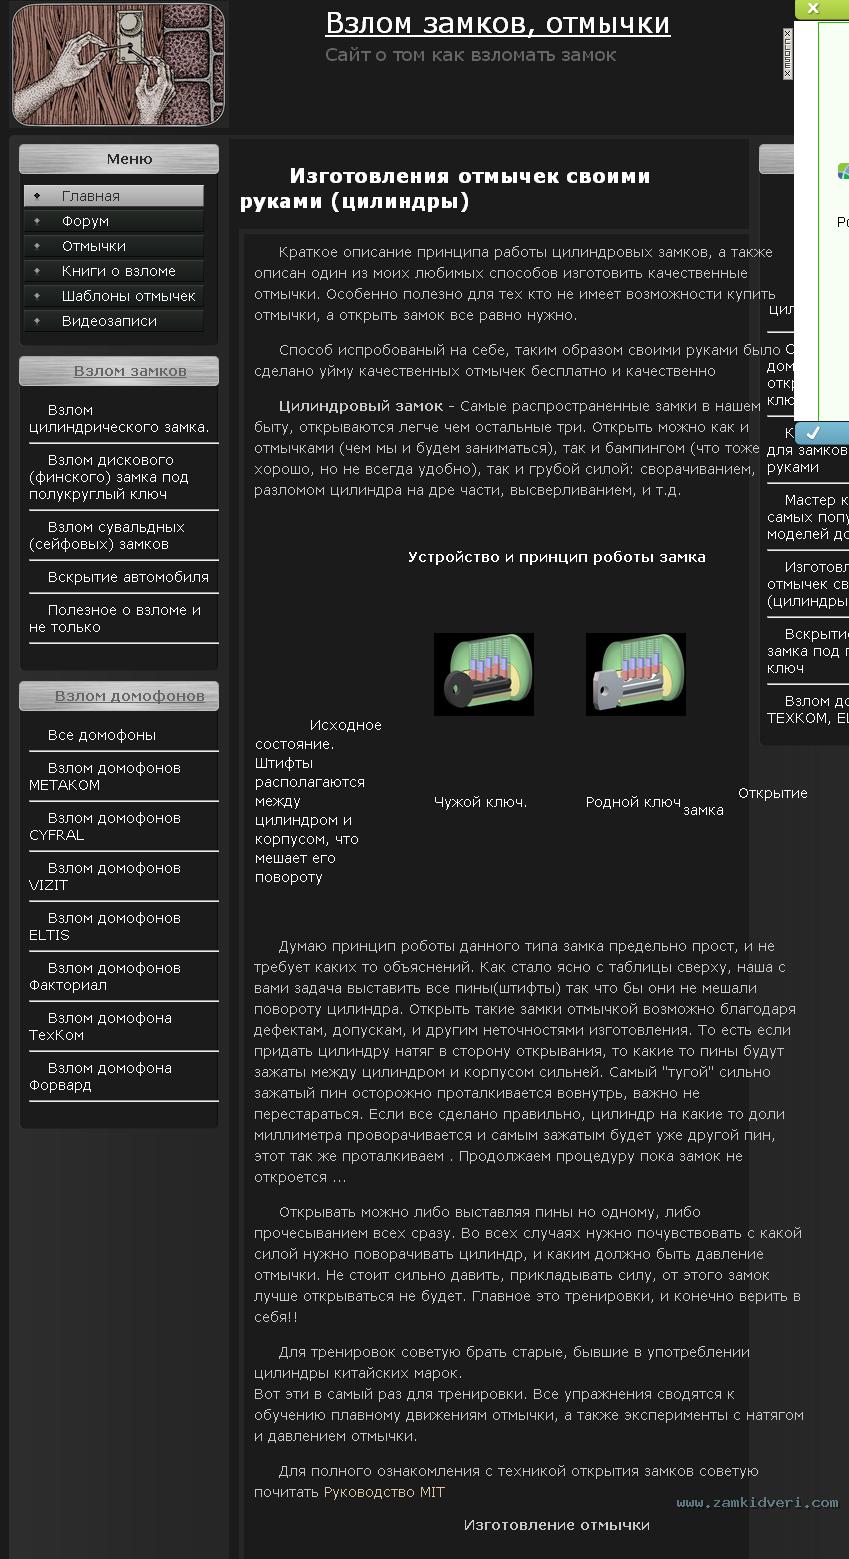 ������� �� ����������� ��� ���������� ��������: Скриншот 2014-02-22 21.43.21.png ����������: 0 ������:212.5 �� ID:32731